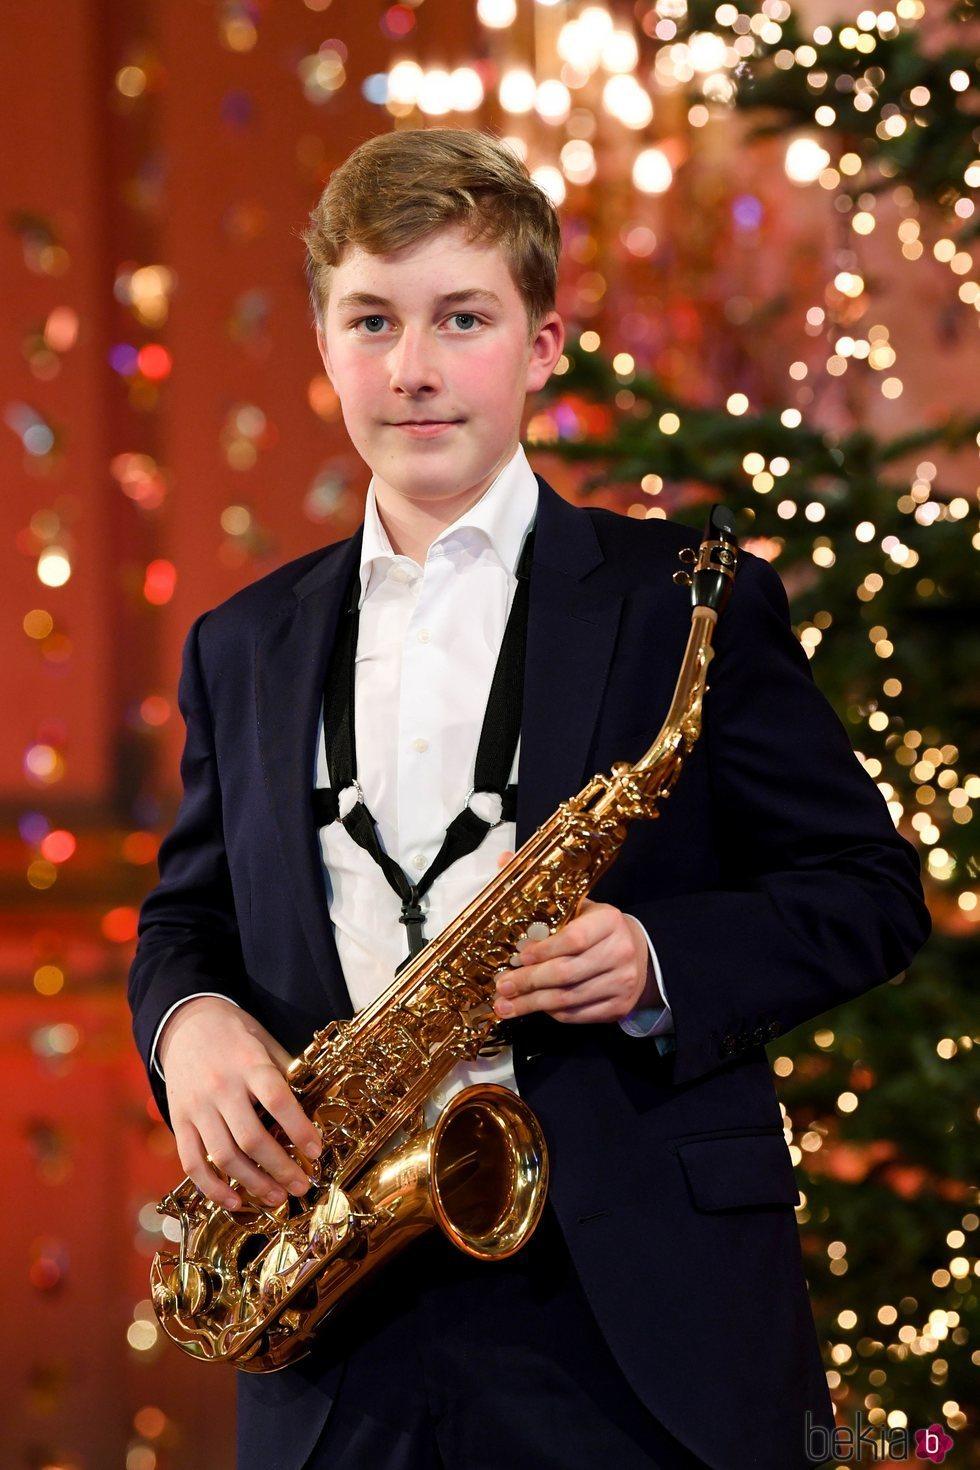 Emmanuel de Bélgica con su saxofón en el concierto de Navidad 2020